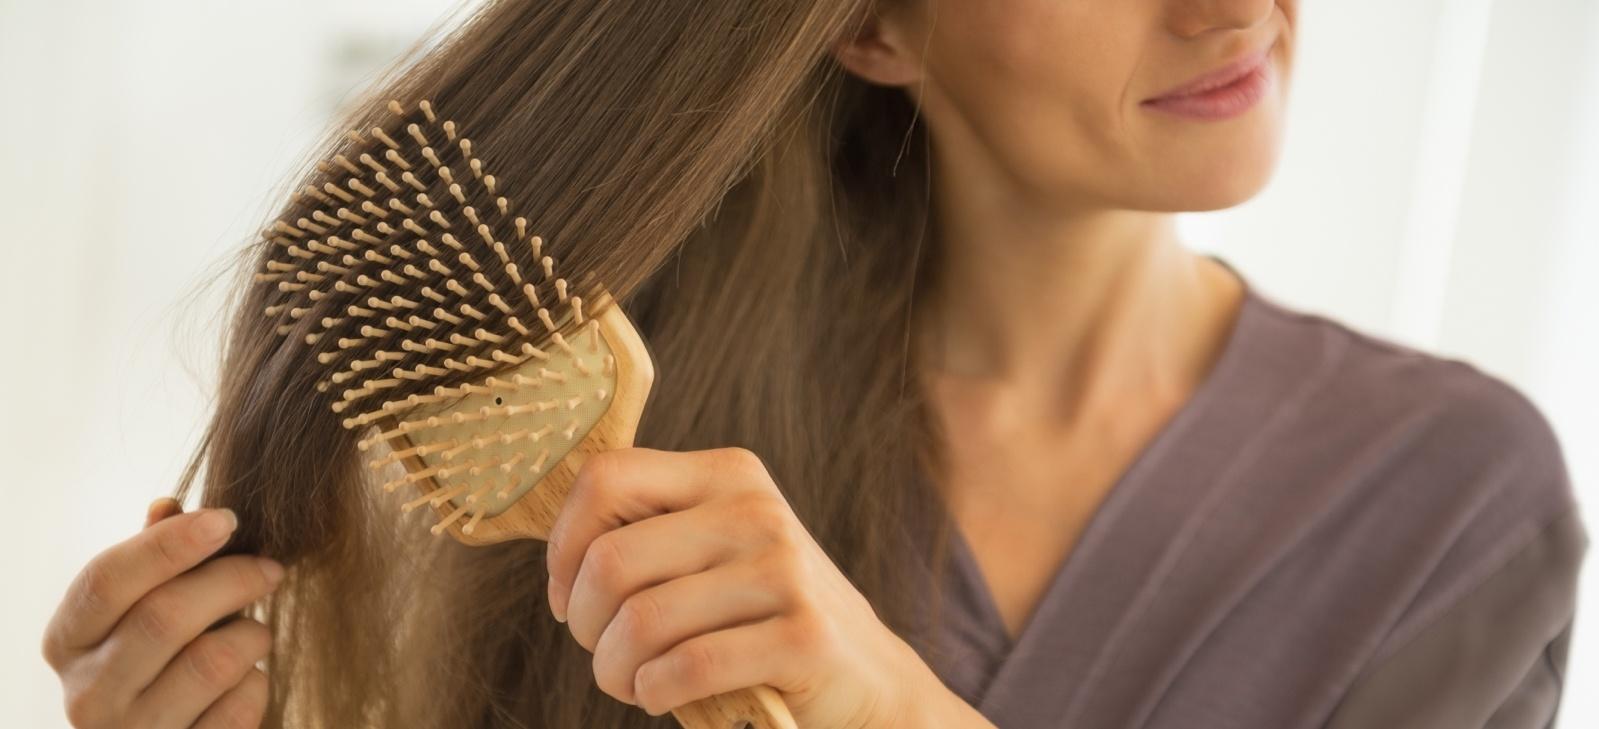 Reducir la caída del cabello en mujeres DHI Costa Rica